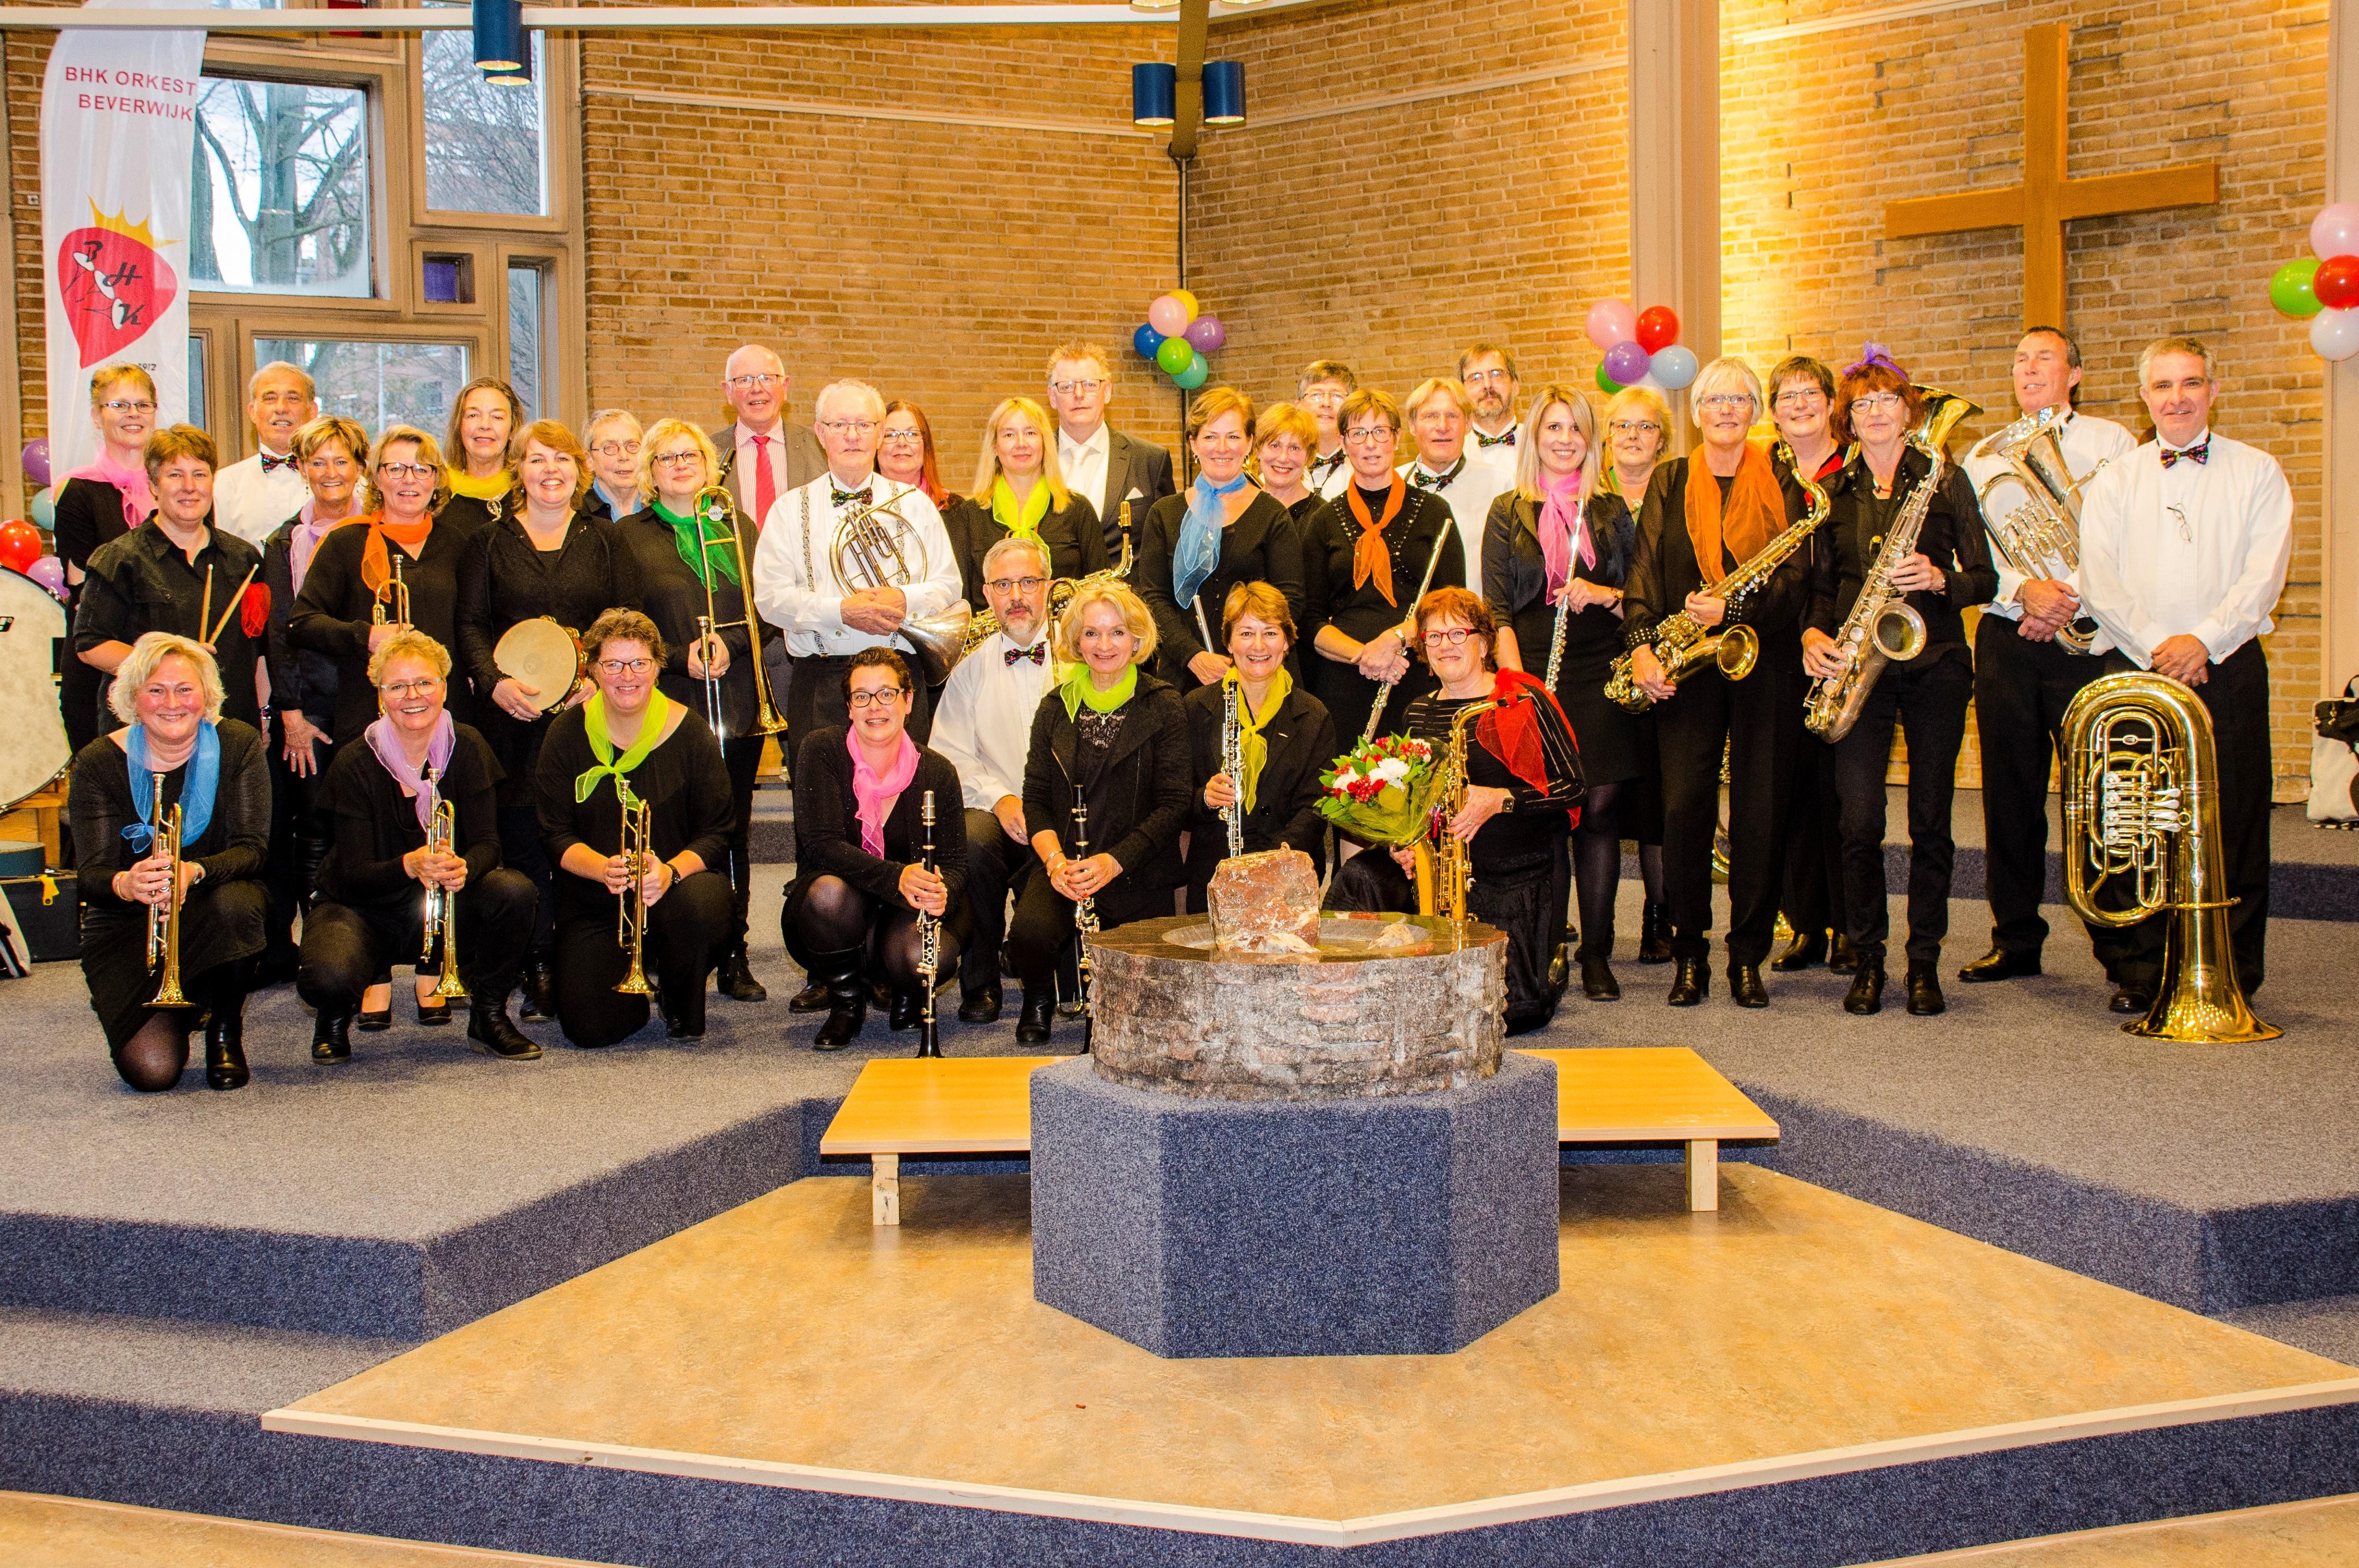 Het orkest van de Beverwijkse Harmonie Kapel. (FOTO: AANGELEVERD)